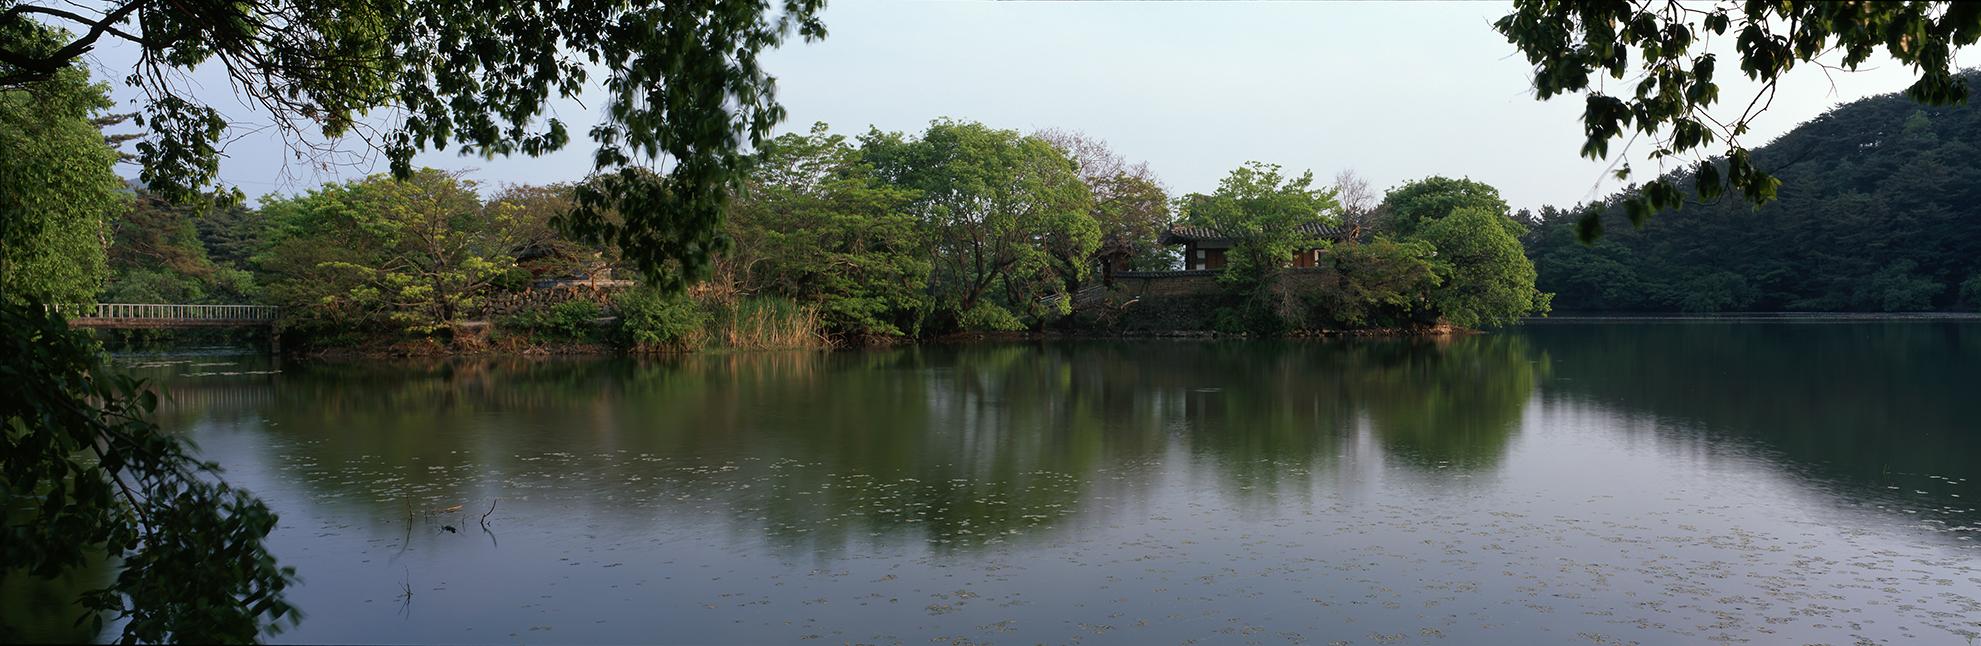 wiryangji001.jpg